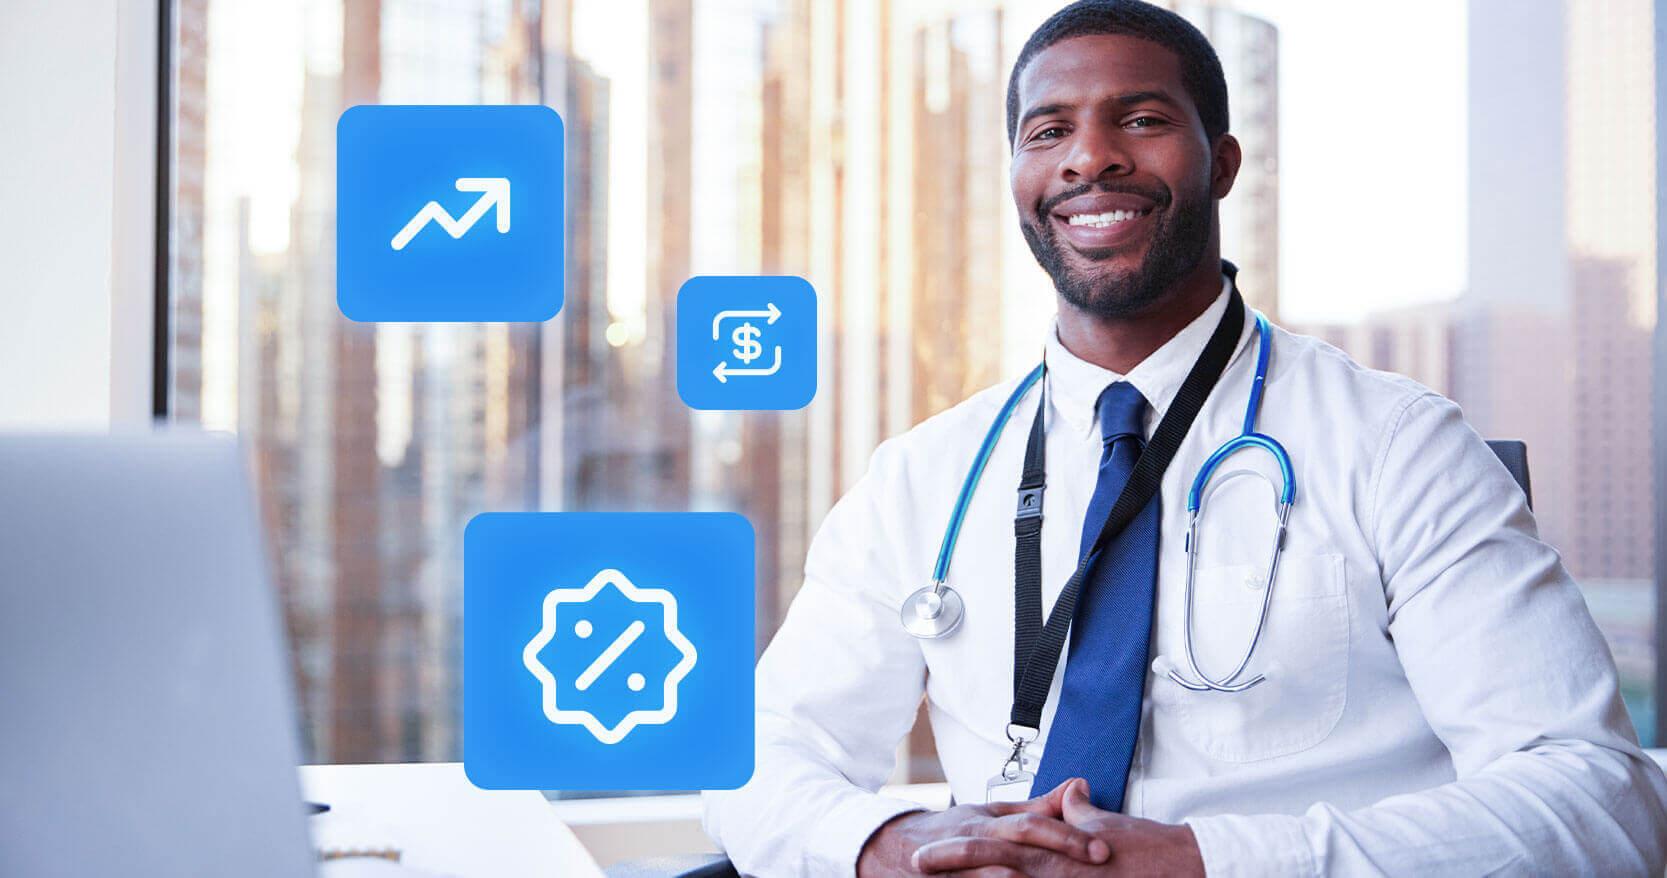 Como melhorar o fluxo de caixa do consultório médico?